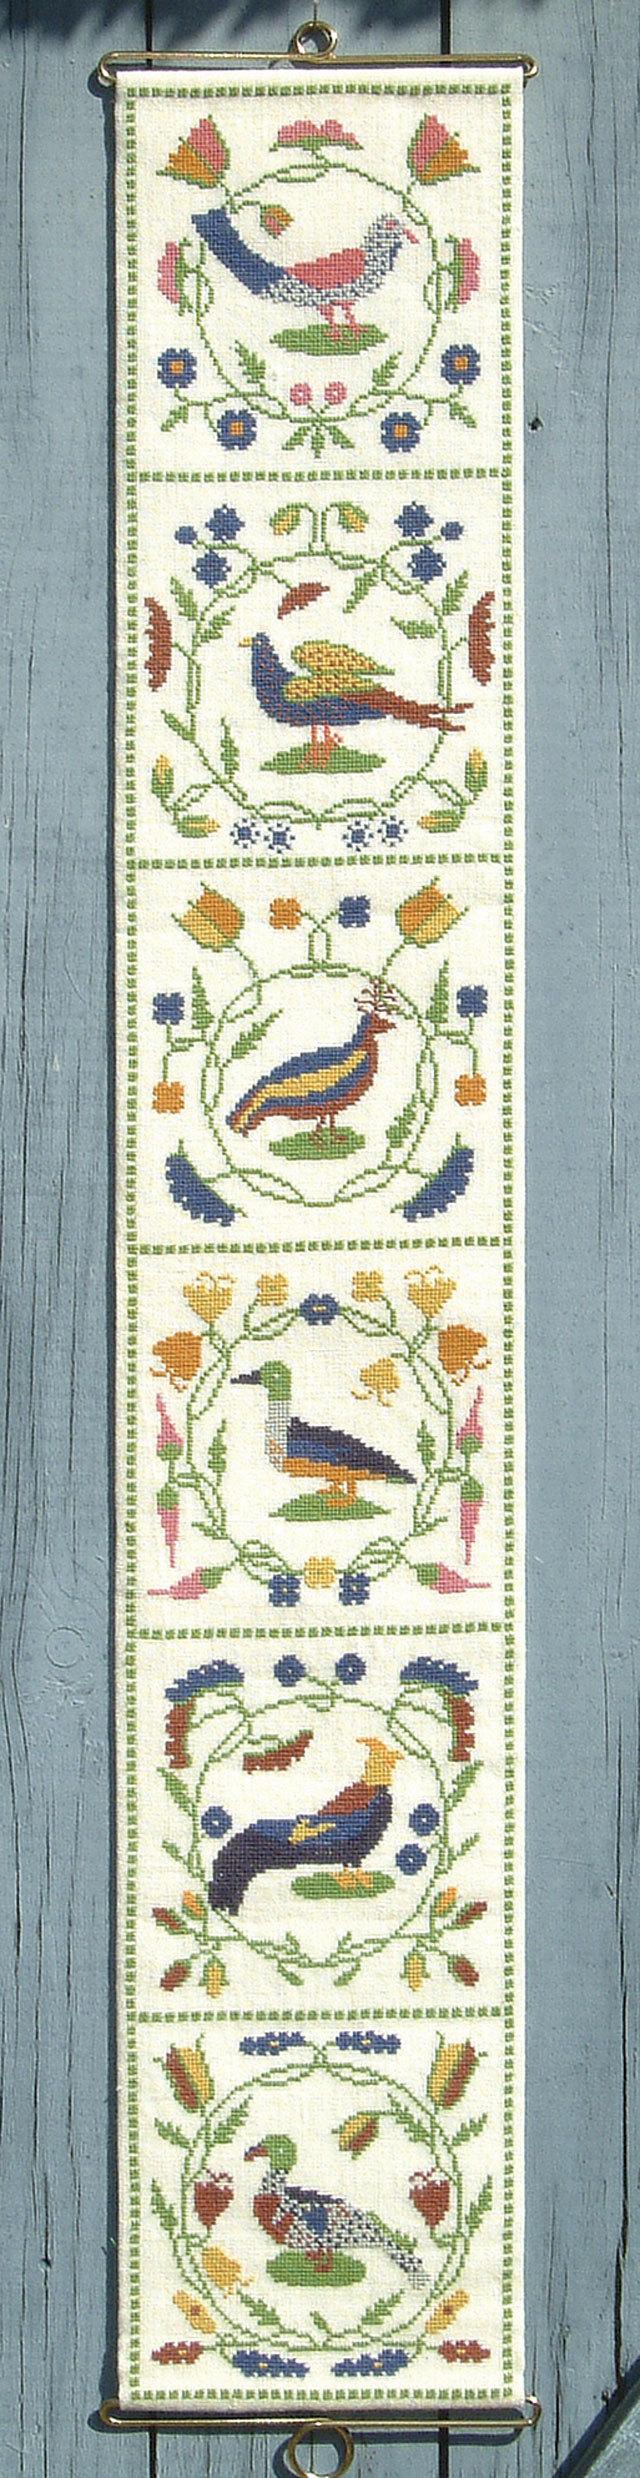 〔Fremme〕 刺繍キット 11-3679